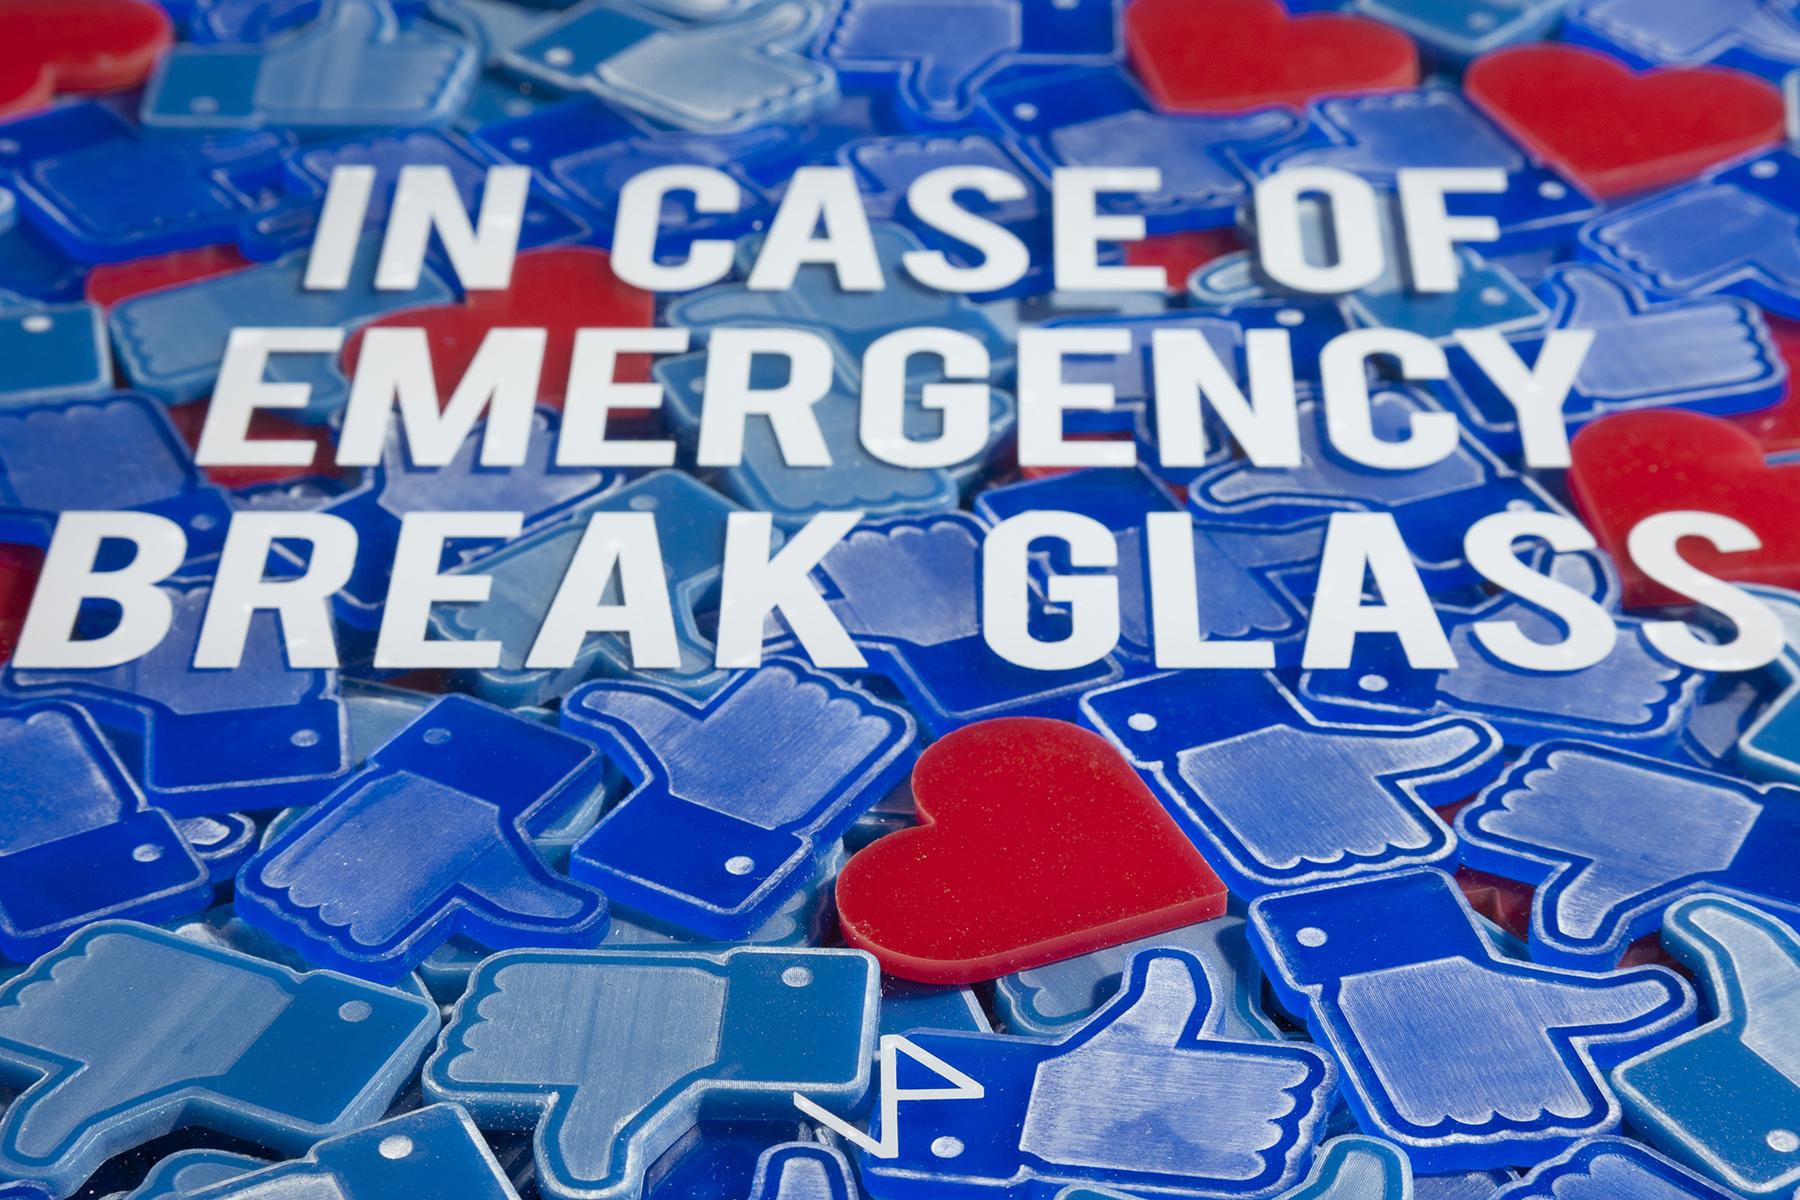 Emergency Likes-85cm x 85cm x 10cm-Alluminio, vetro, ferro, plexiglass, smalto industriale, stampa uv-©2018 – Edition of 1